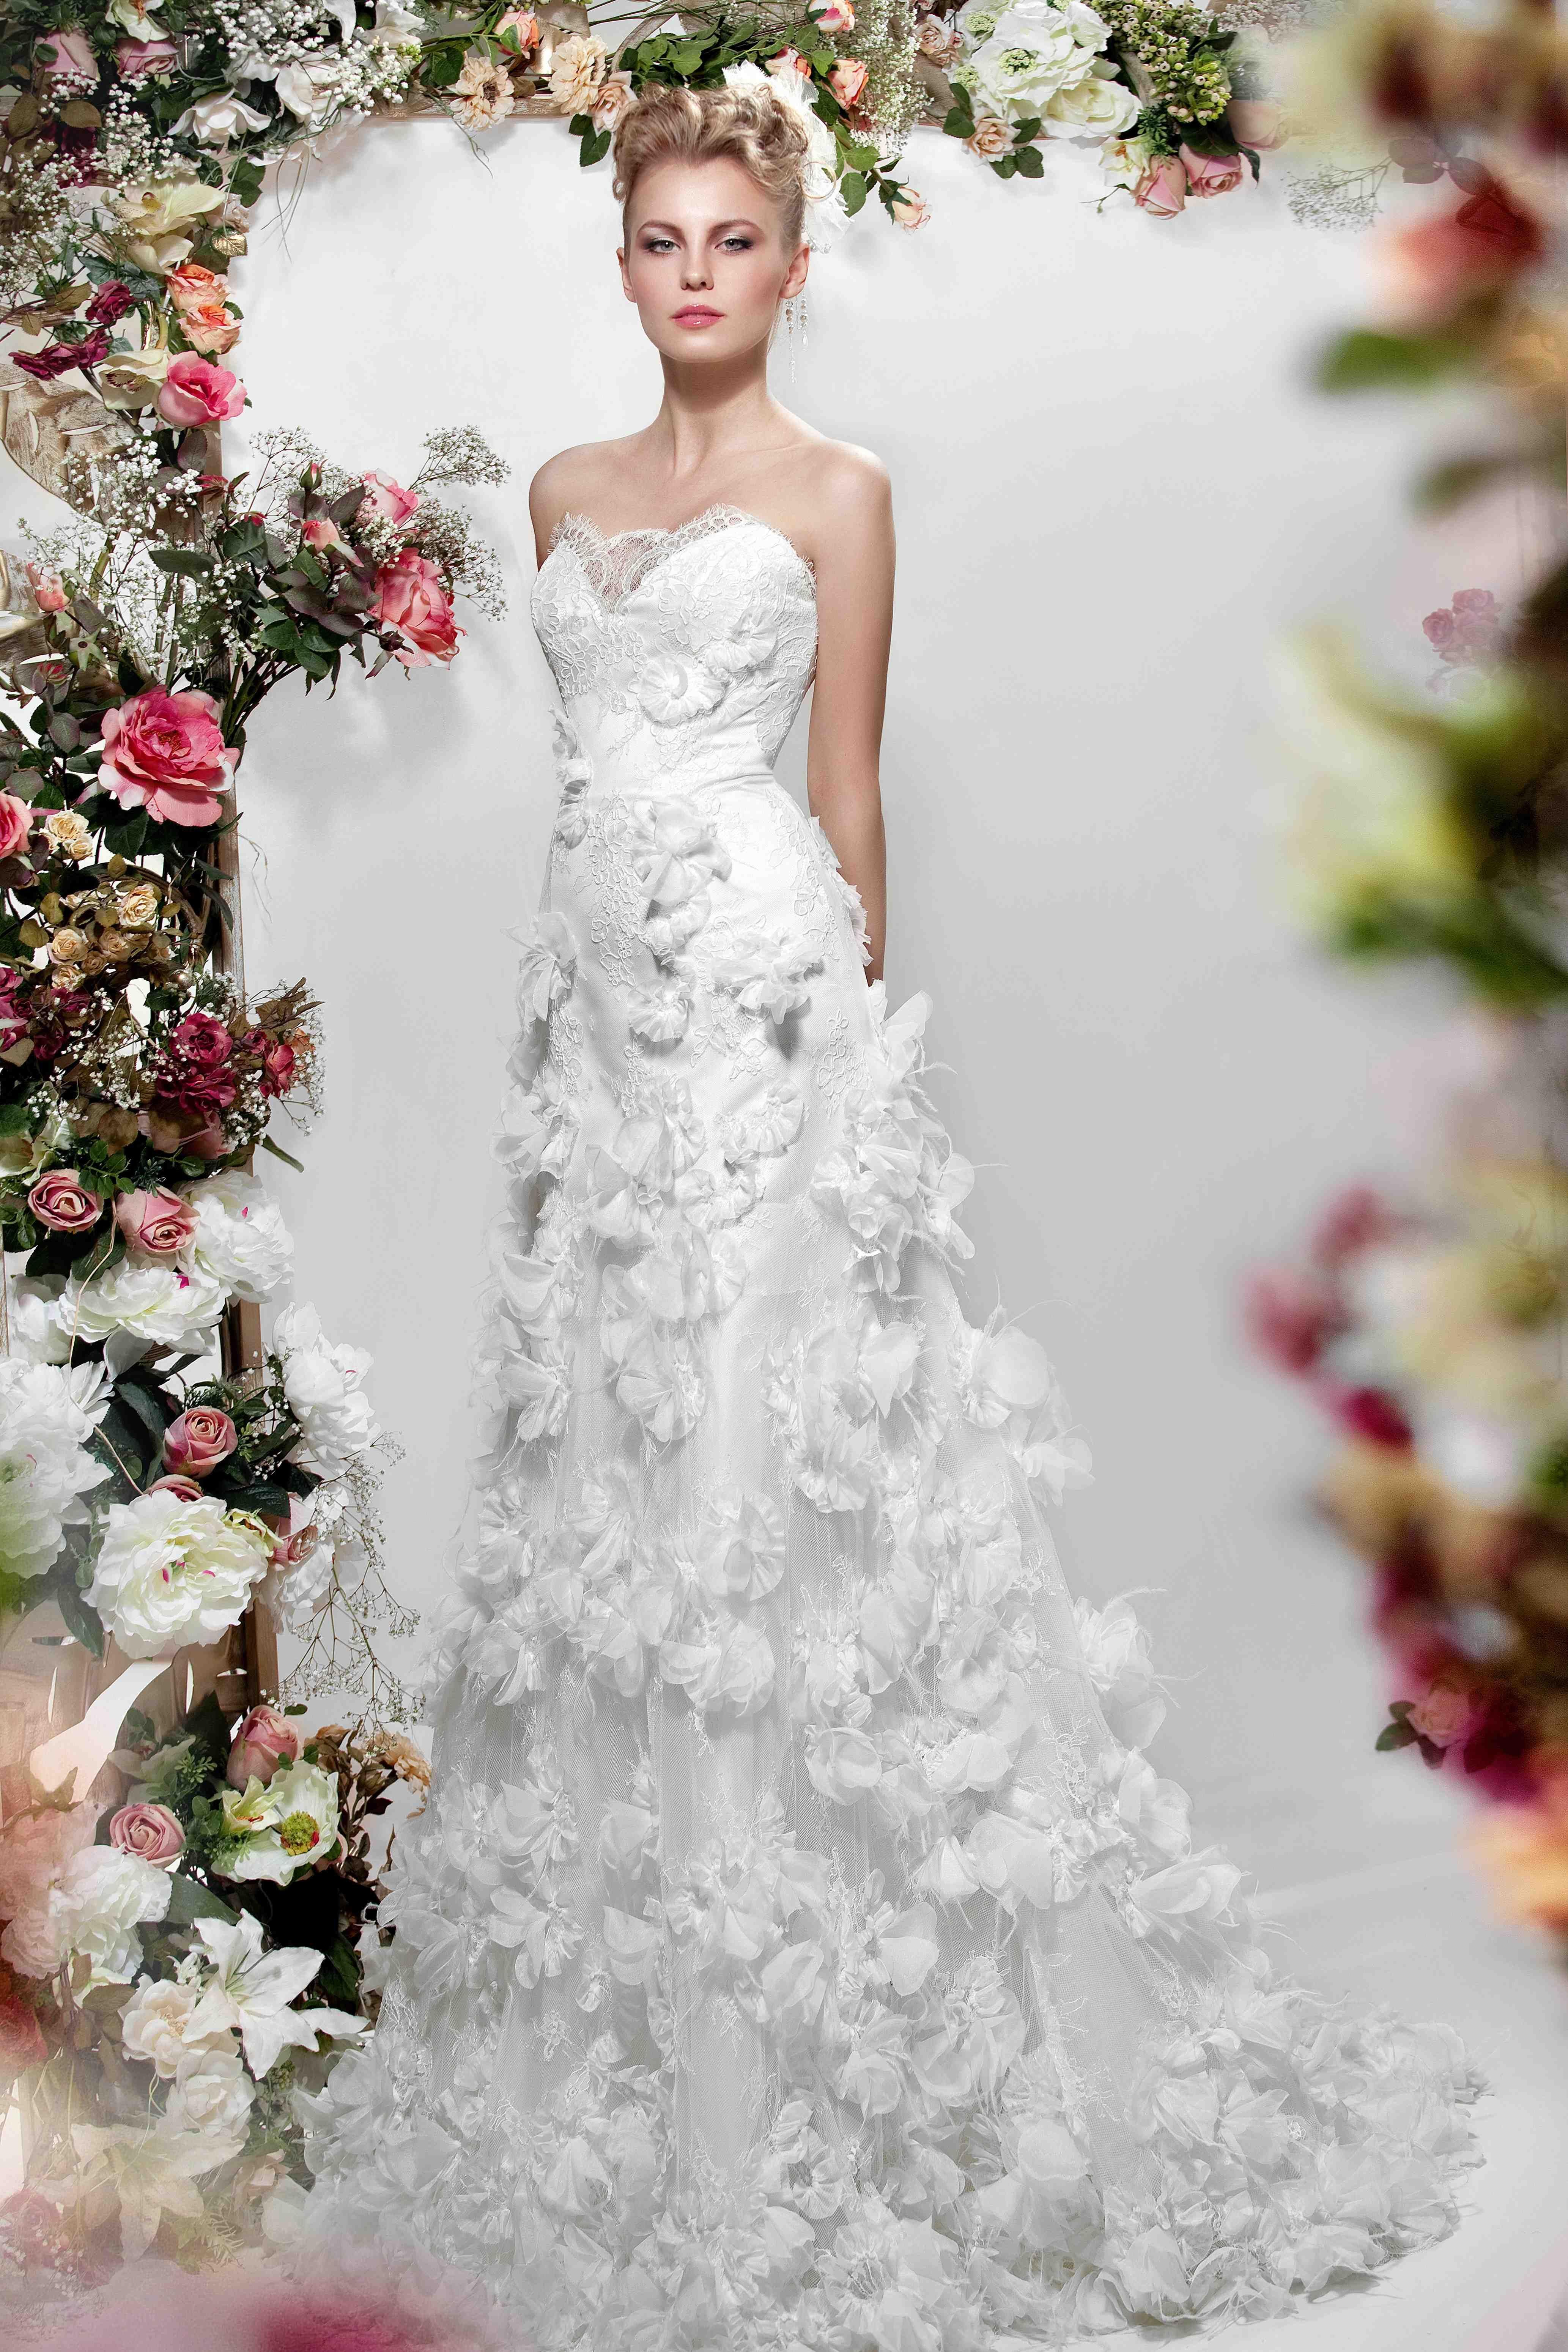 Картинки свадебное платье из цветов, аниме гифки